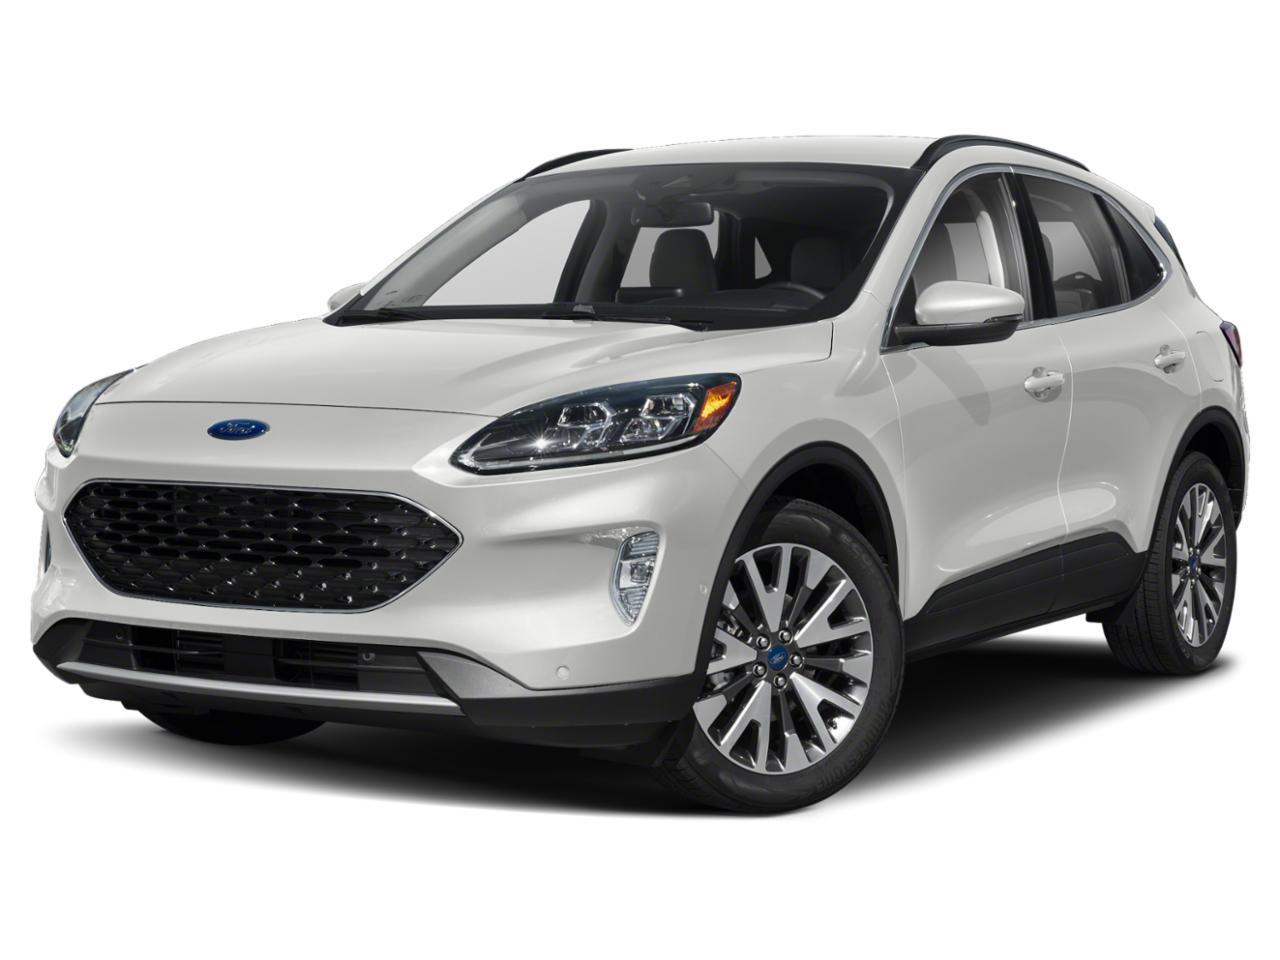 2020 Ford Escape SE SPORT HYBRID SUV Slide